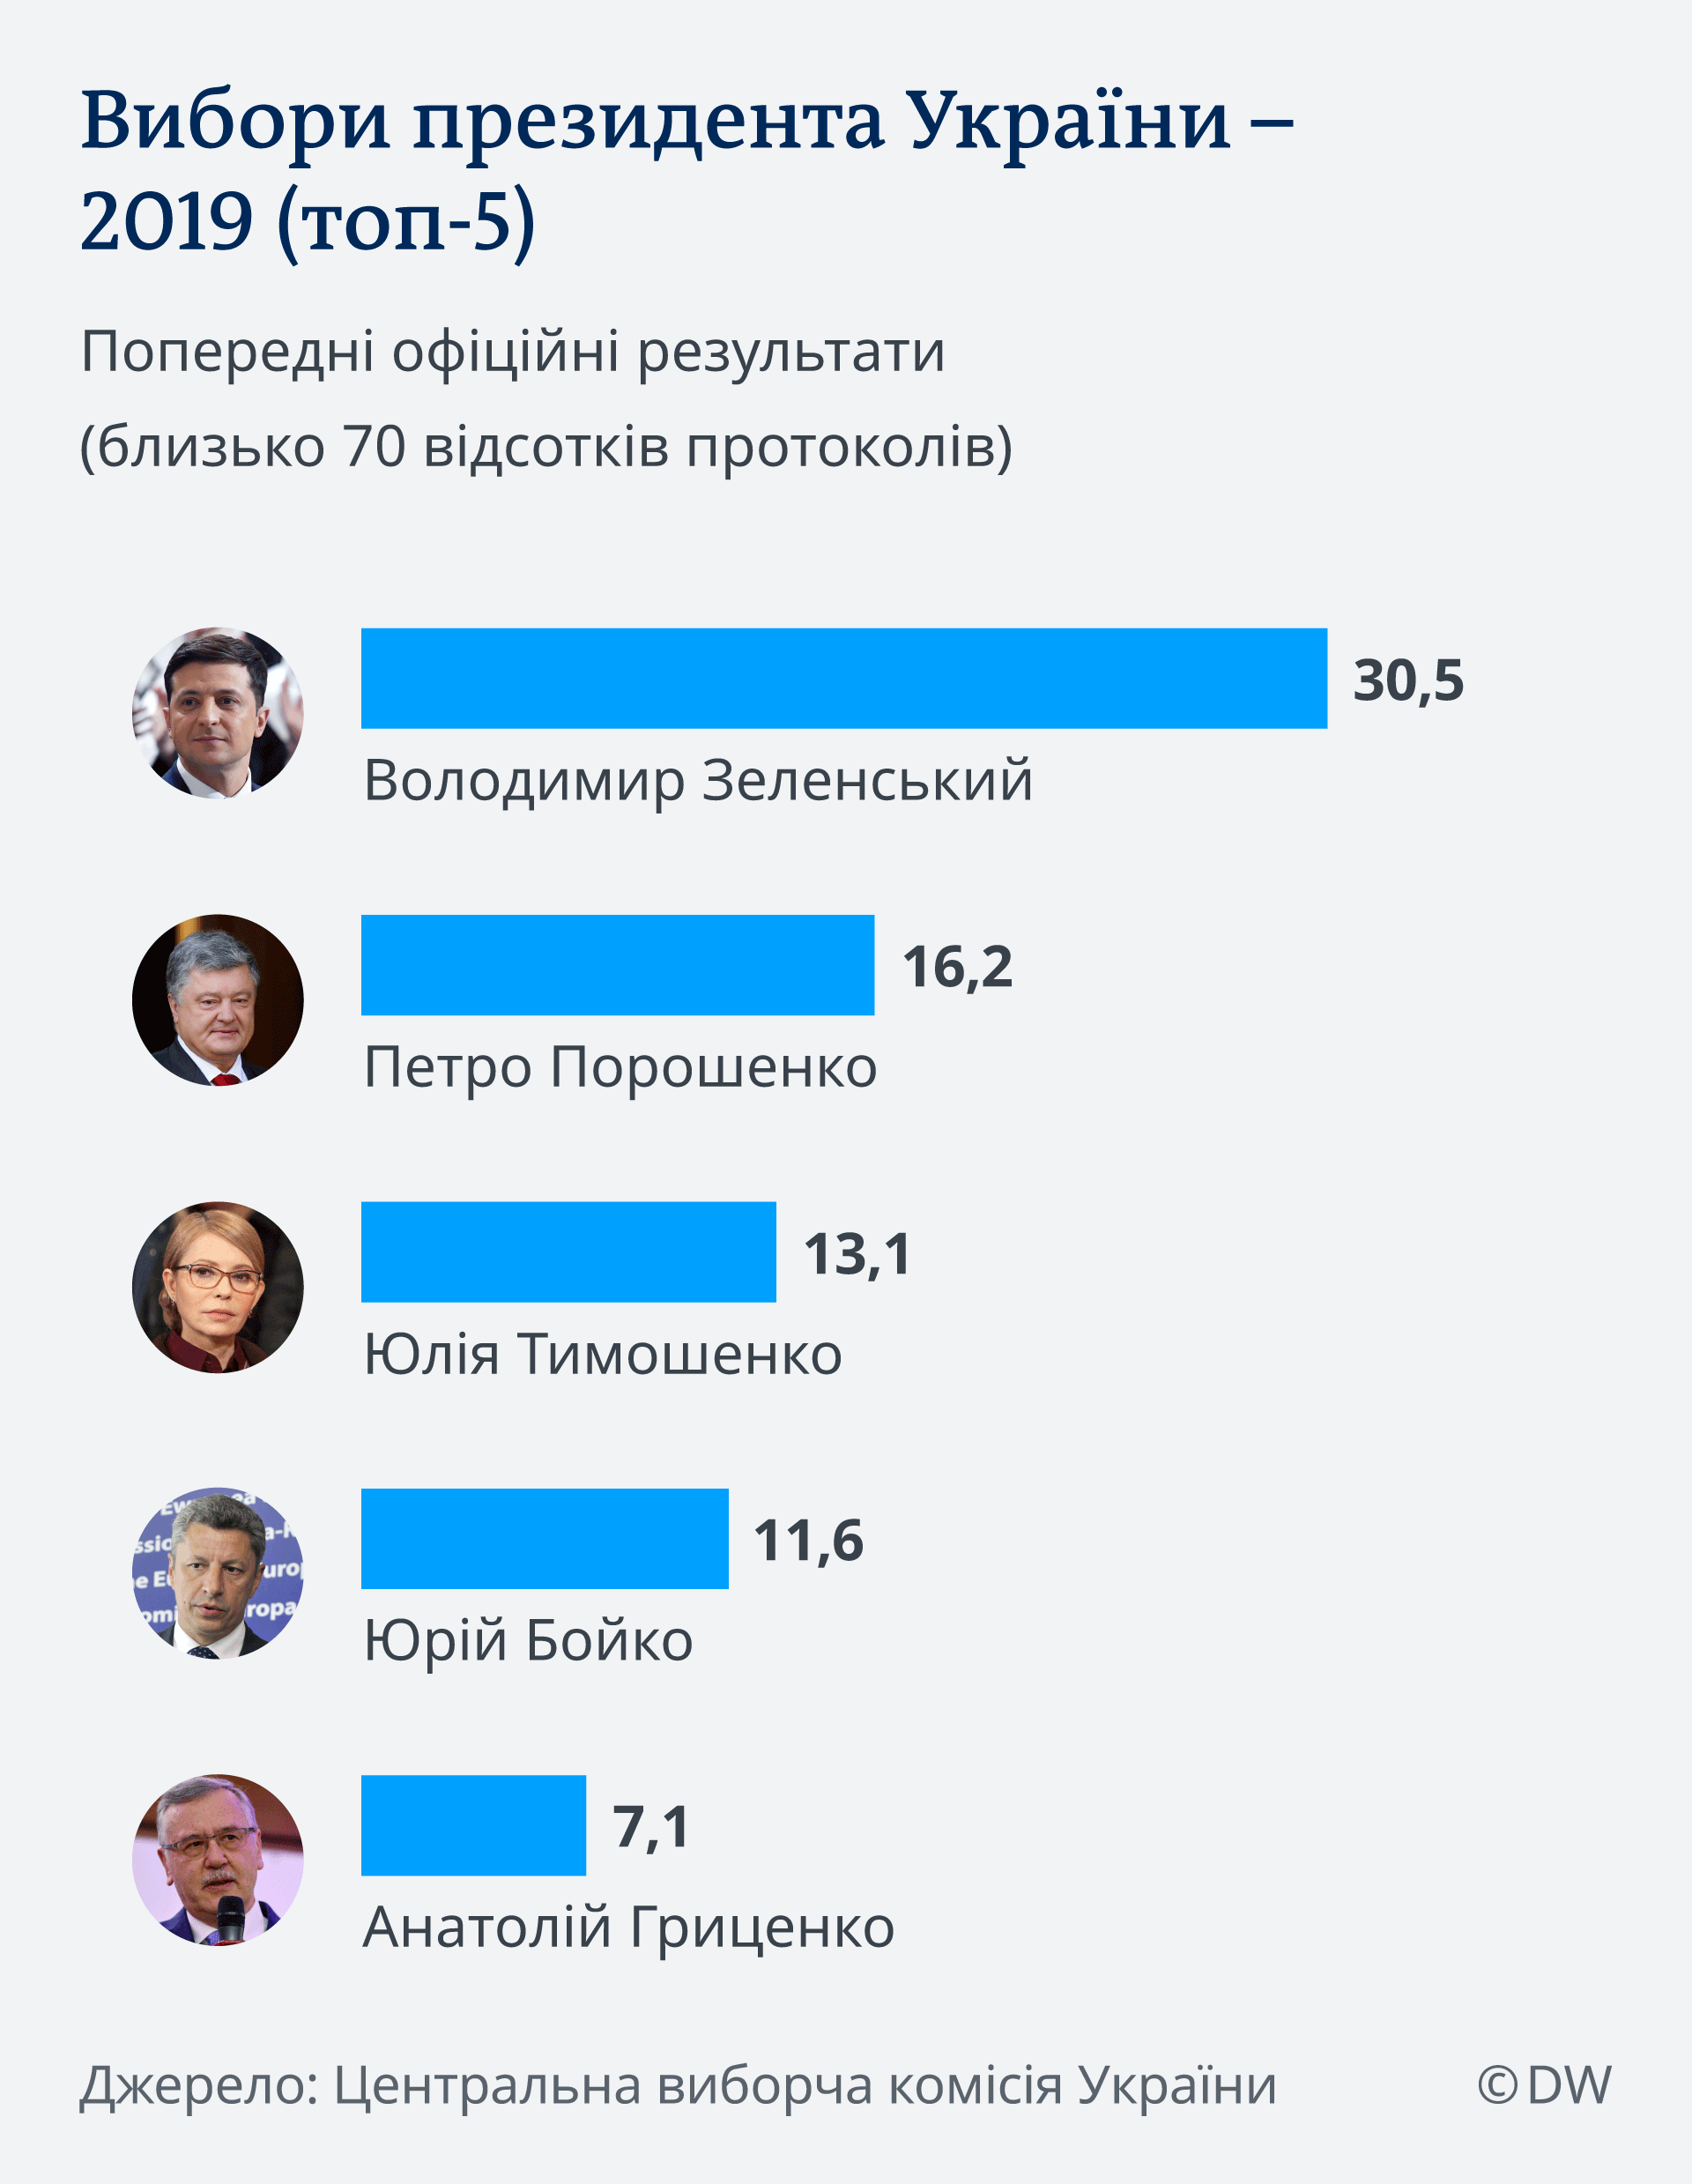 Попередні результати виборів в Україні